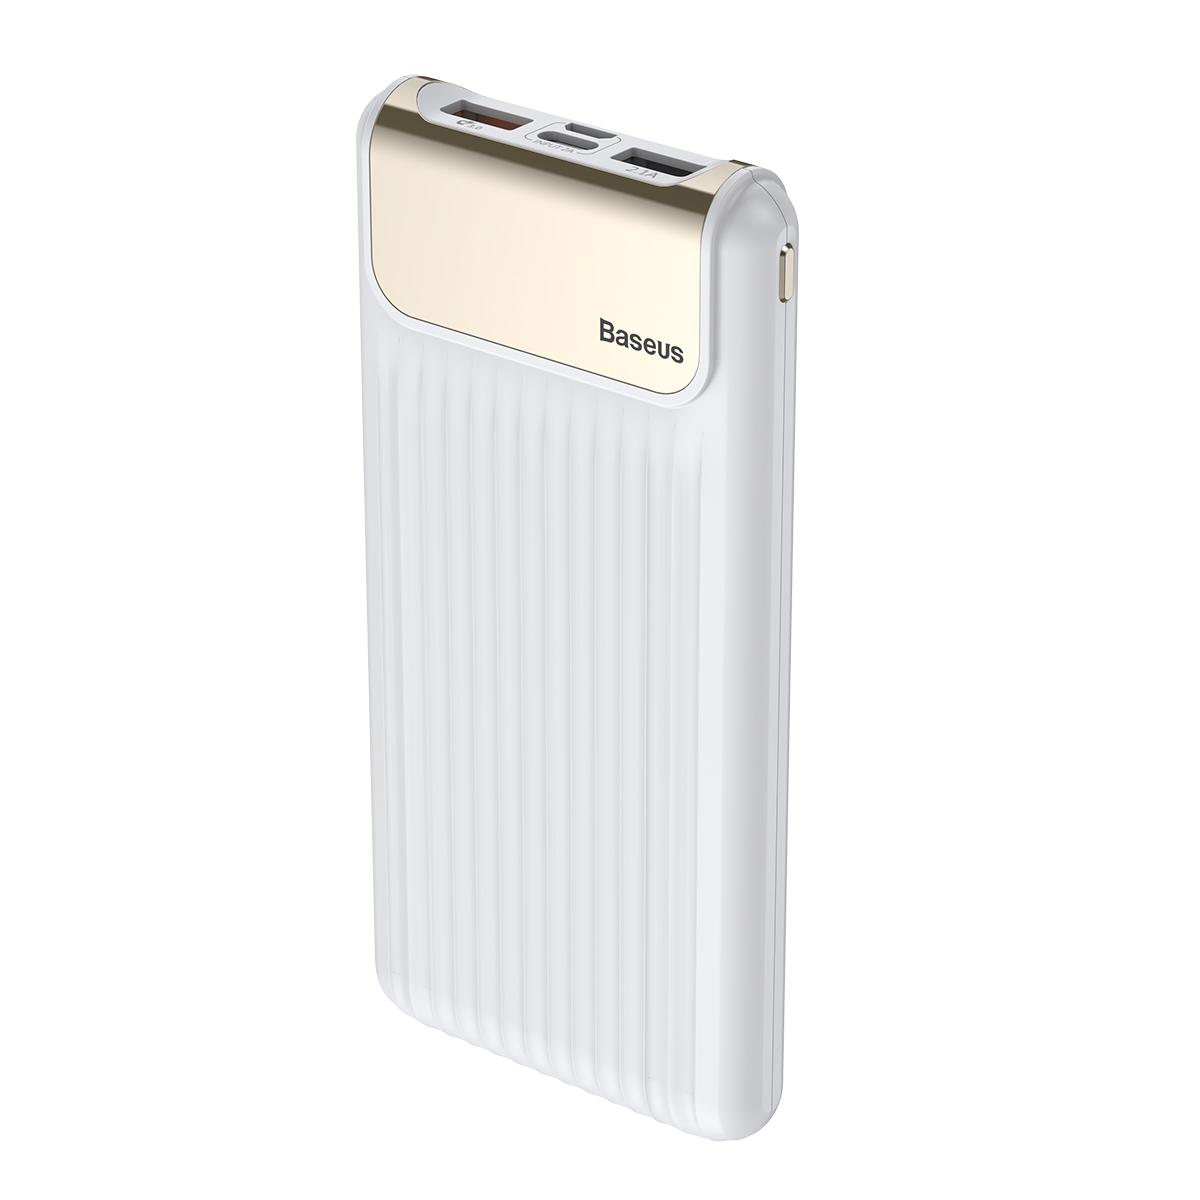 Внешний аккумулятор Baseus PPYZ-C02, белый внешний аккумулятор baseus 15609 белый